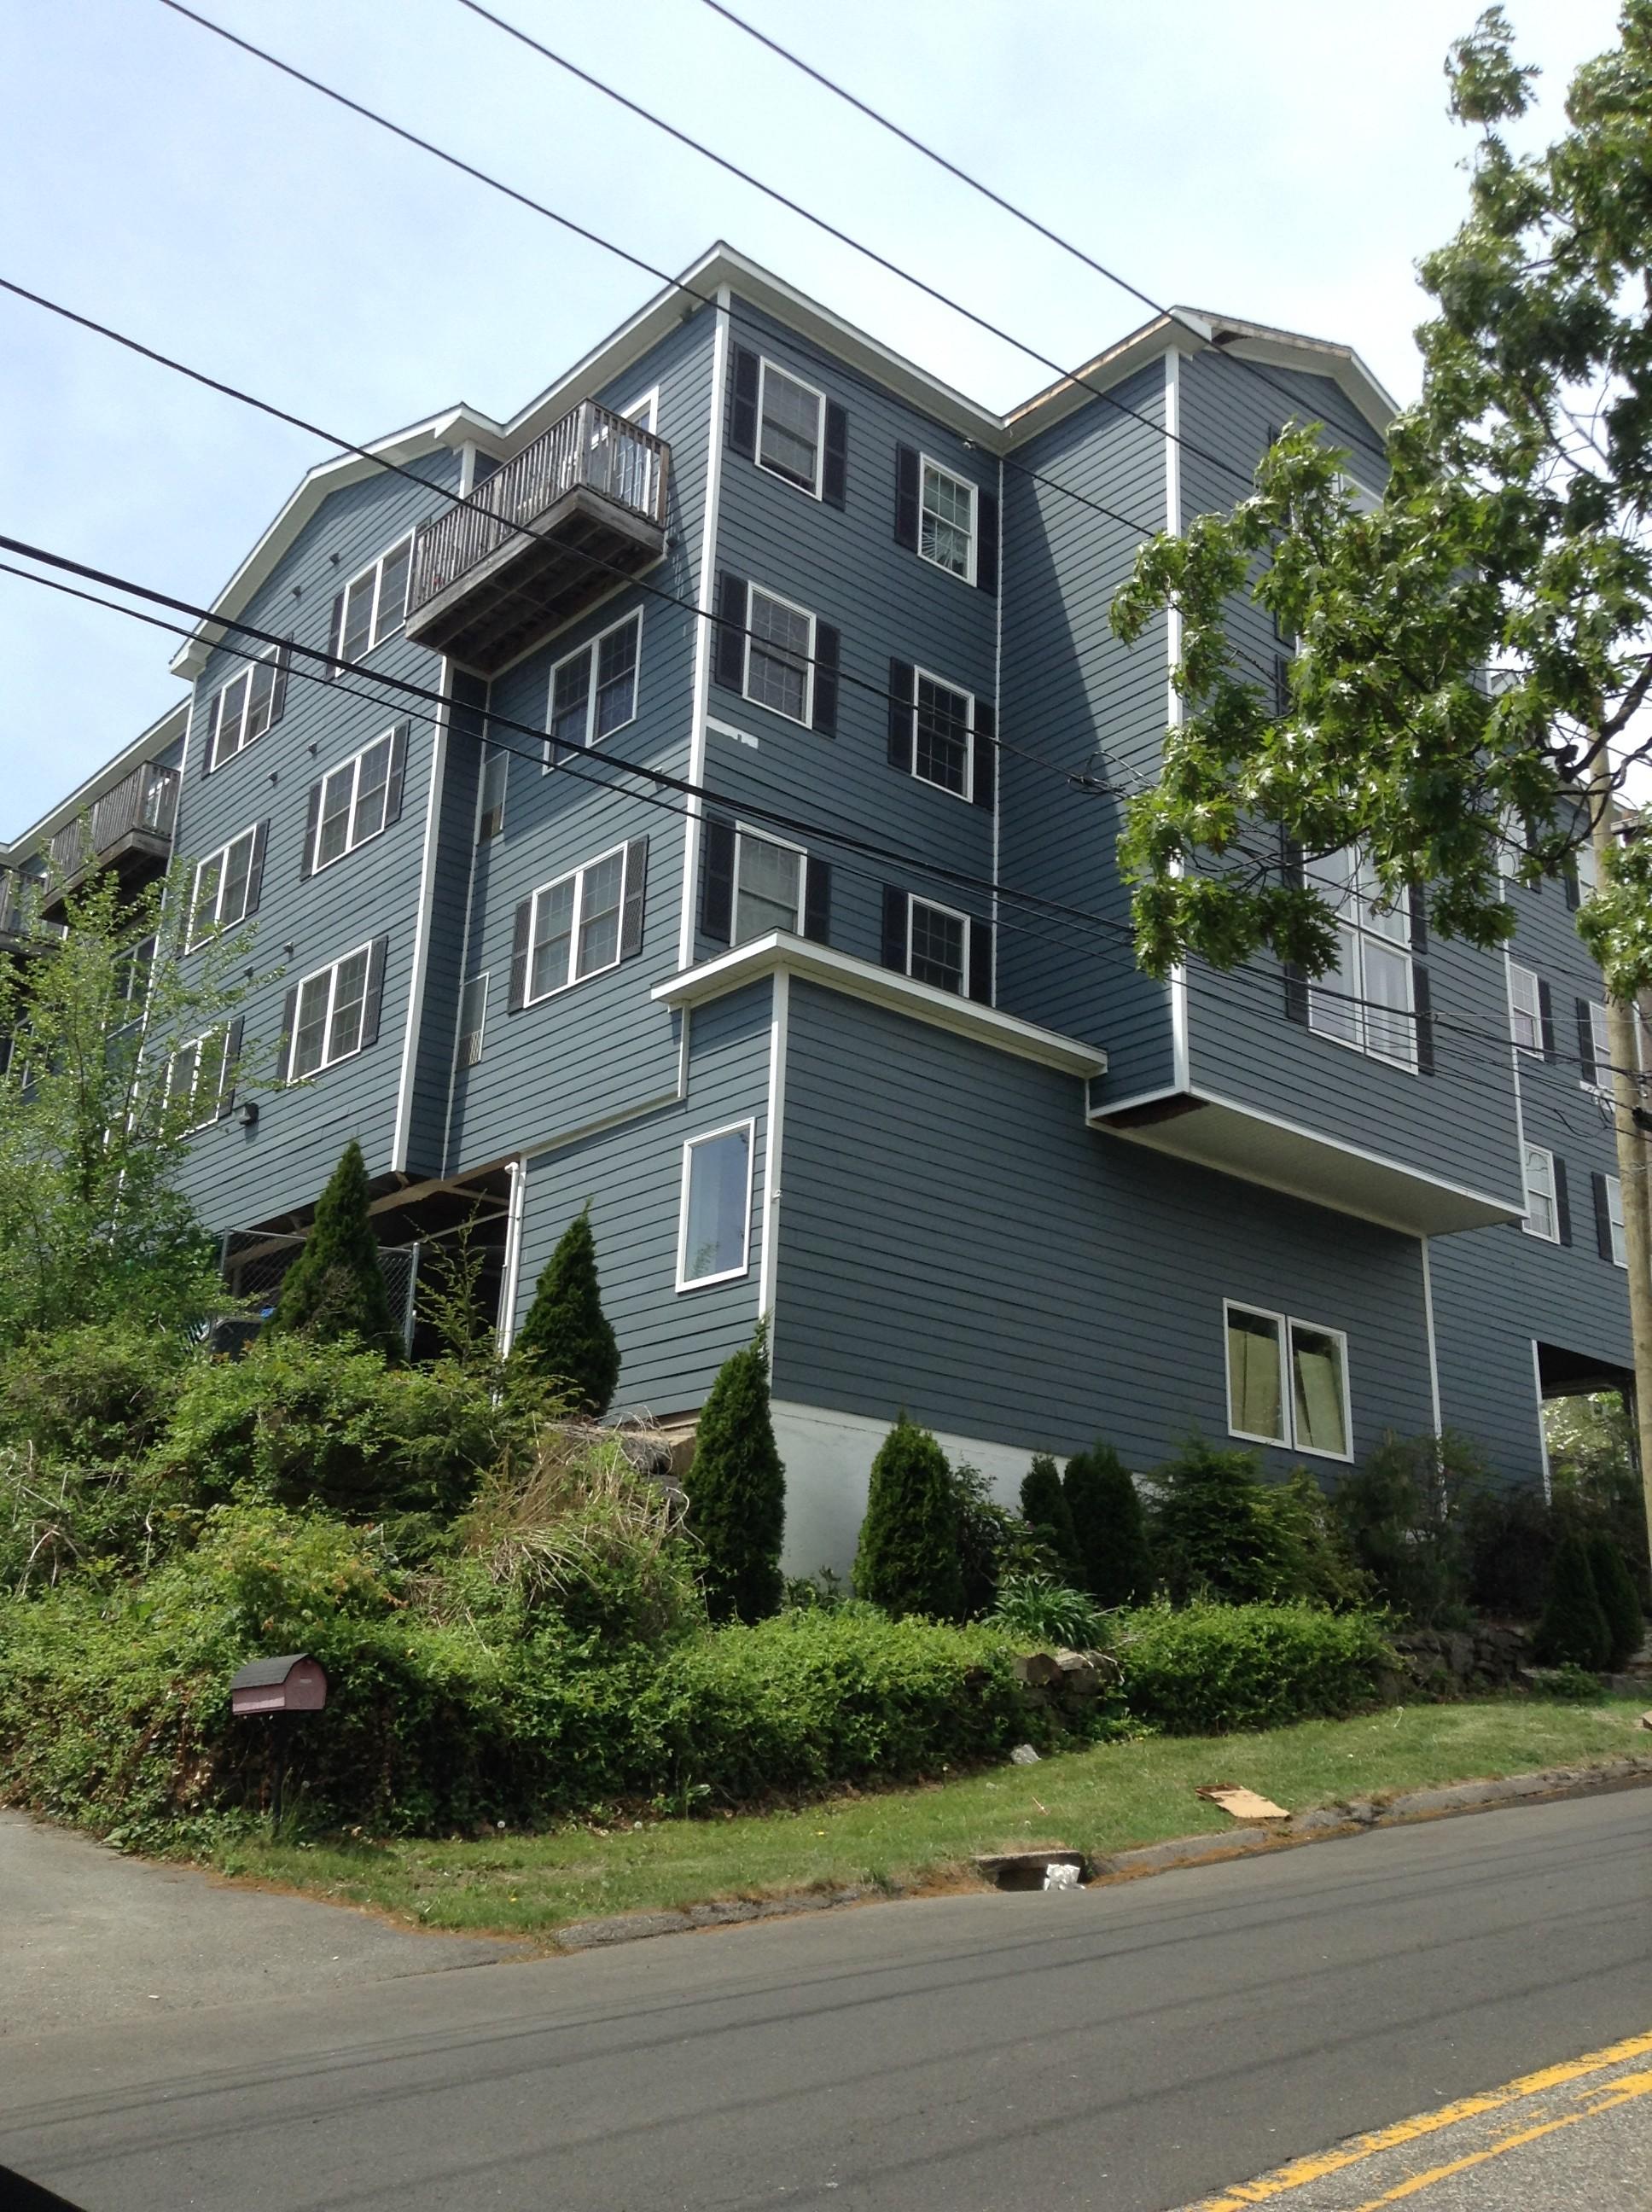 312 bridgeport ct 06606 2 bedroom apartment for rent padmapper